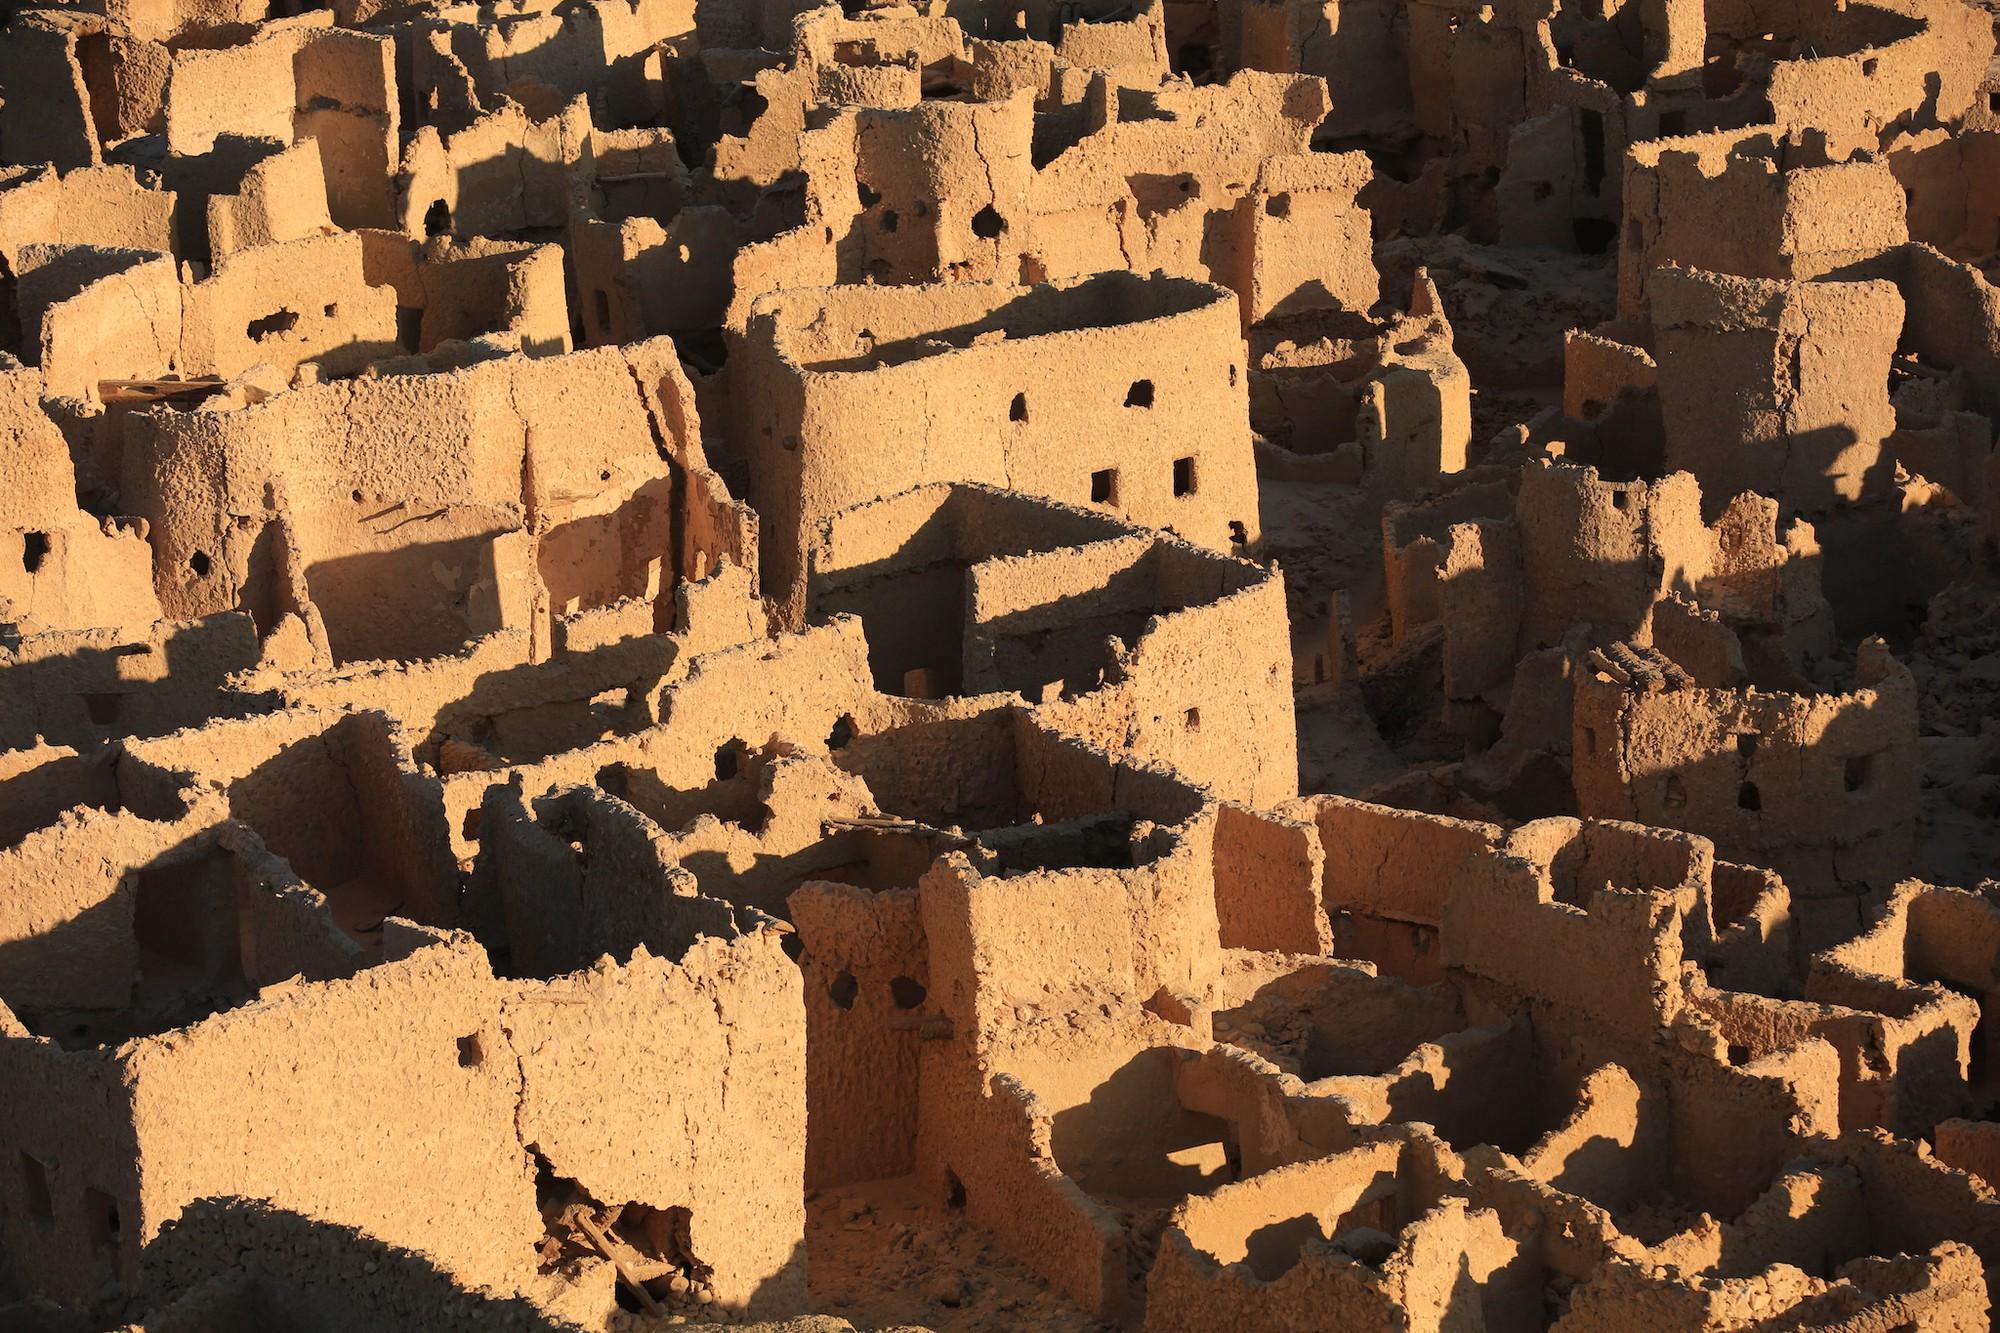 Ai Cập đẹp hơn tất cả những gì chúng ta vẫn tưởng tượng trong bộ ảnh mới nhất của Tâm Bùi - Ảnh 5.